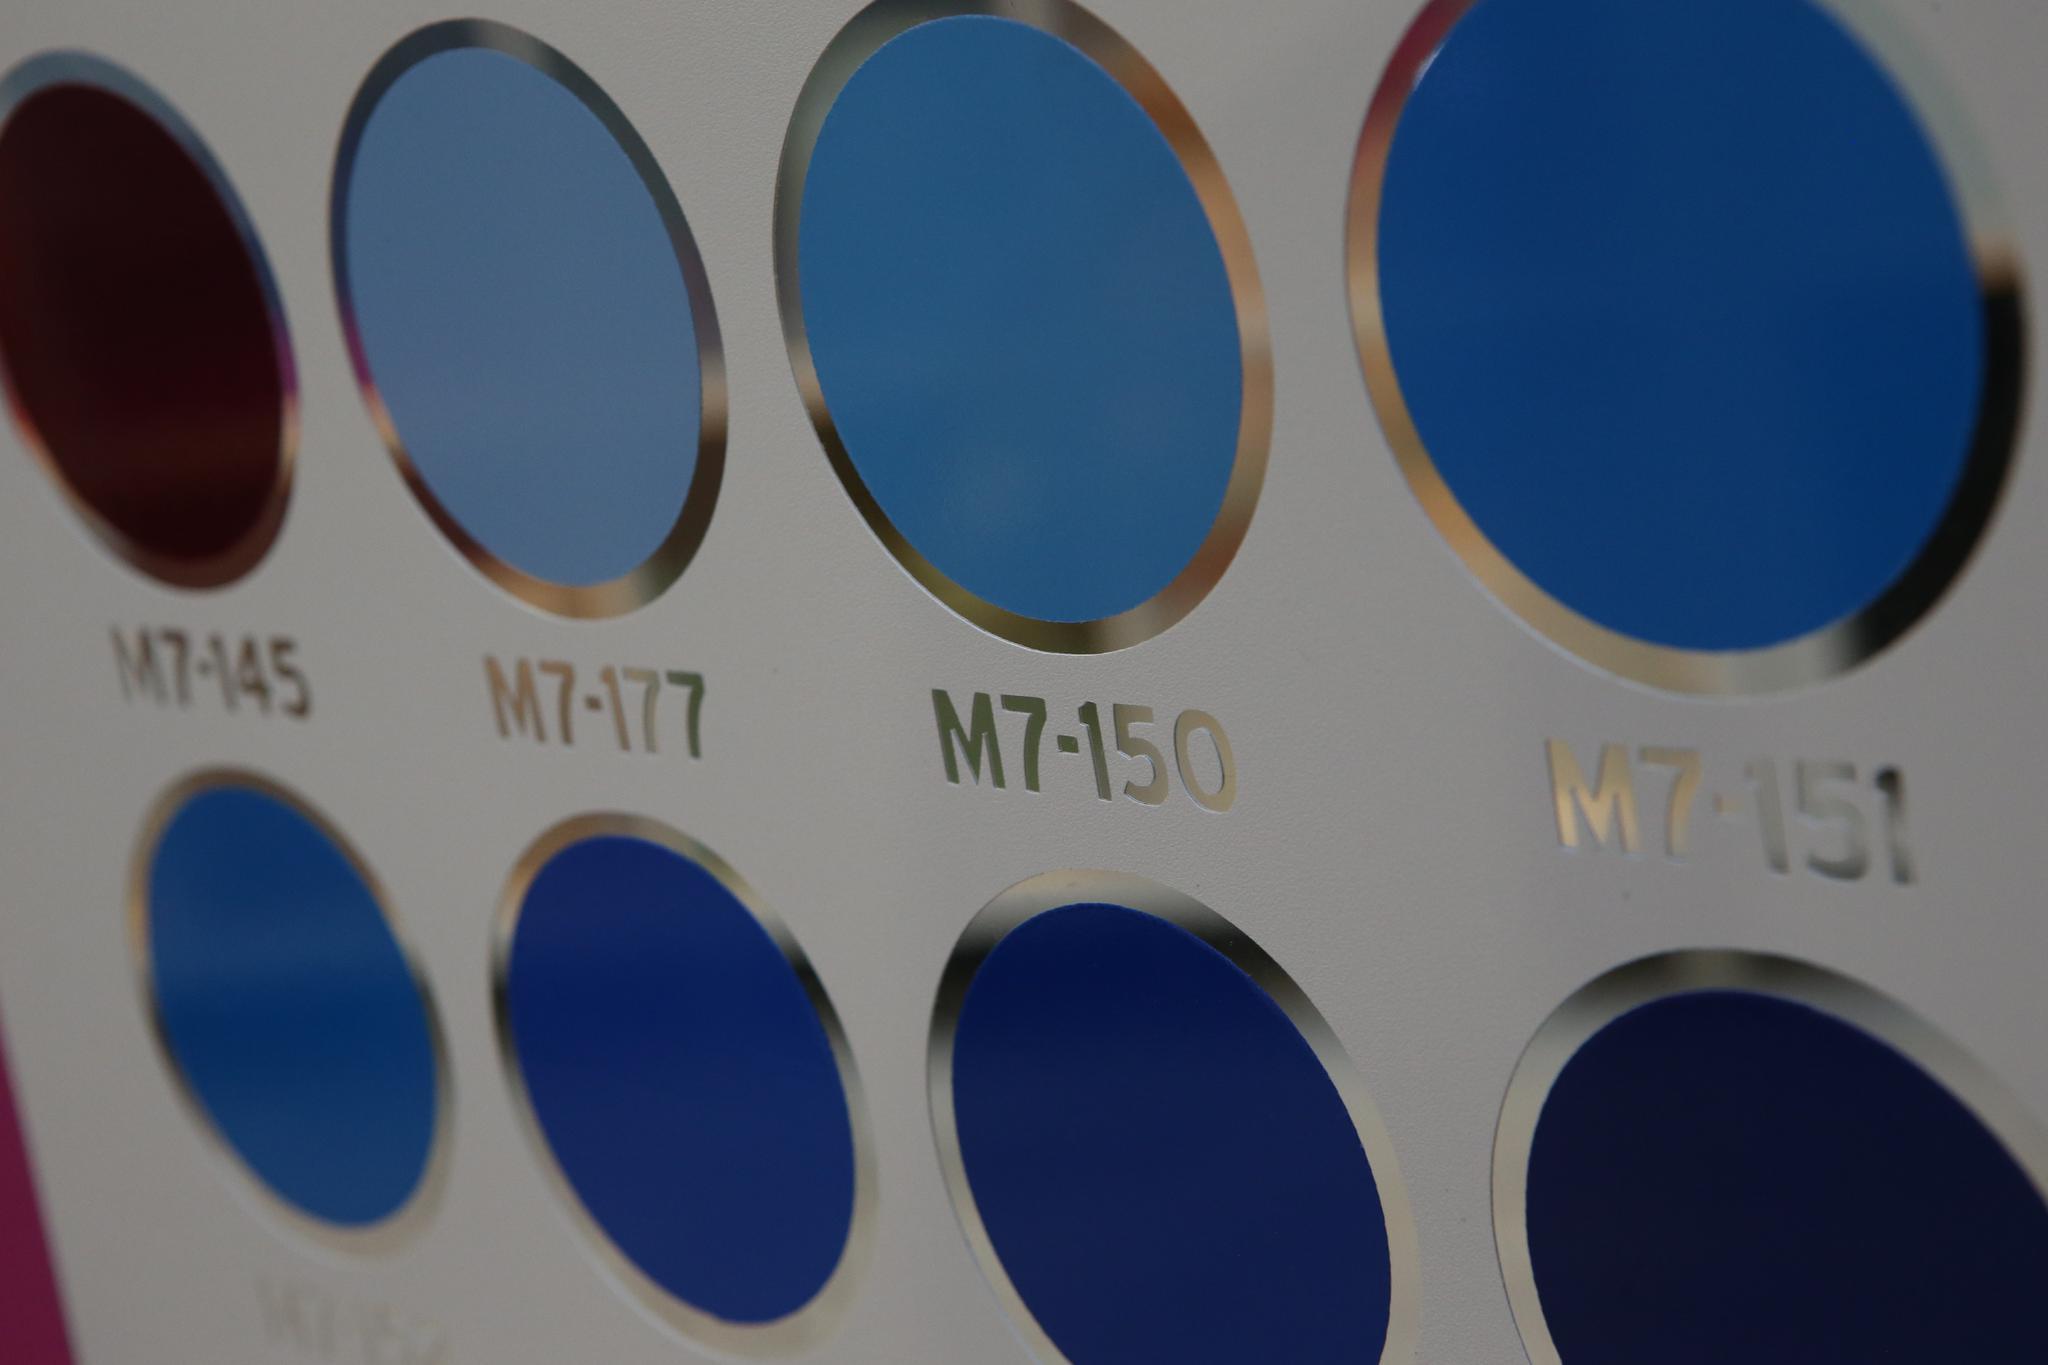 Colour chart - blue